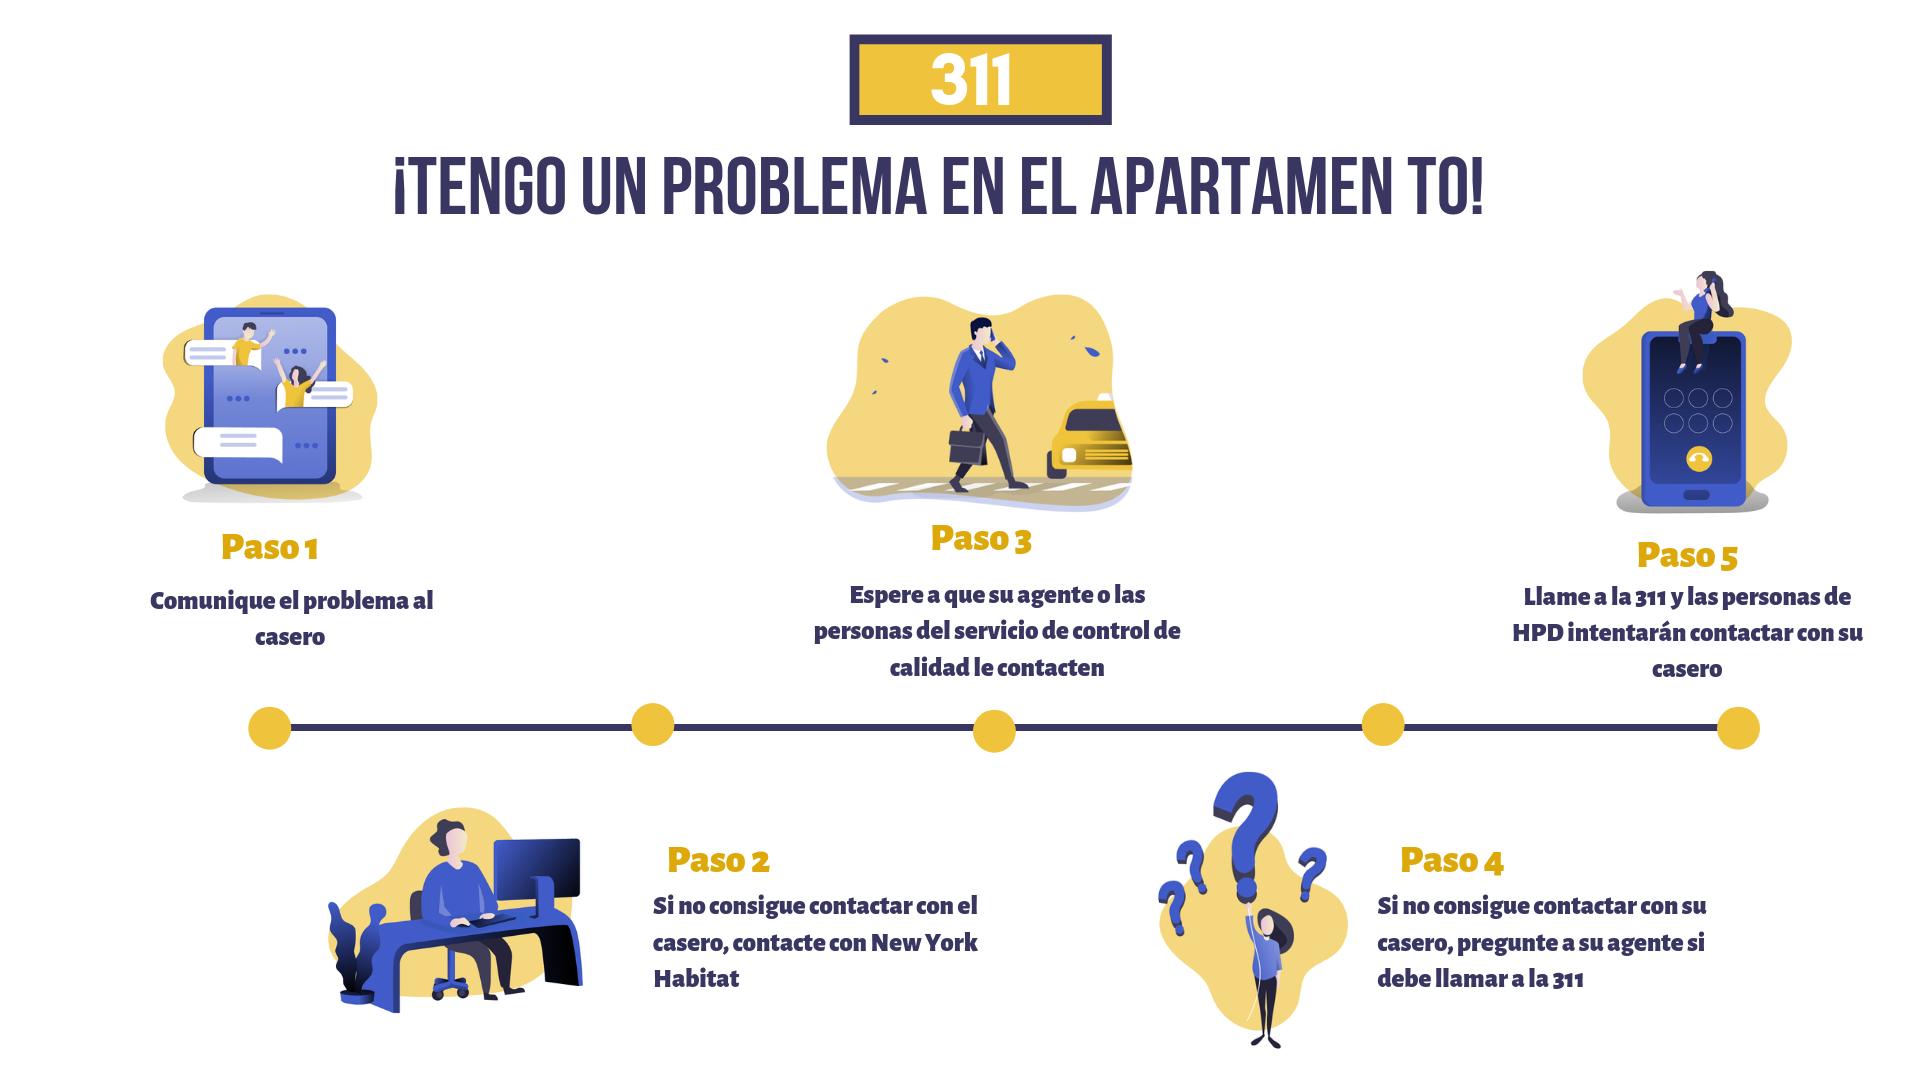 Infografía de la cronología de los 5 pasos en la que se describe el proceso de informar de un problema del apartamento al propietario, a su agente y a la 311.